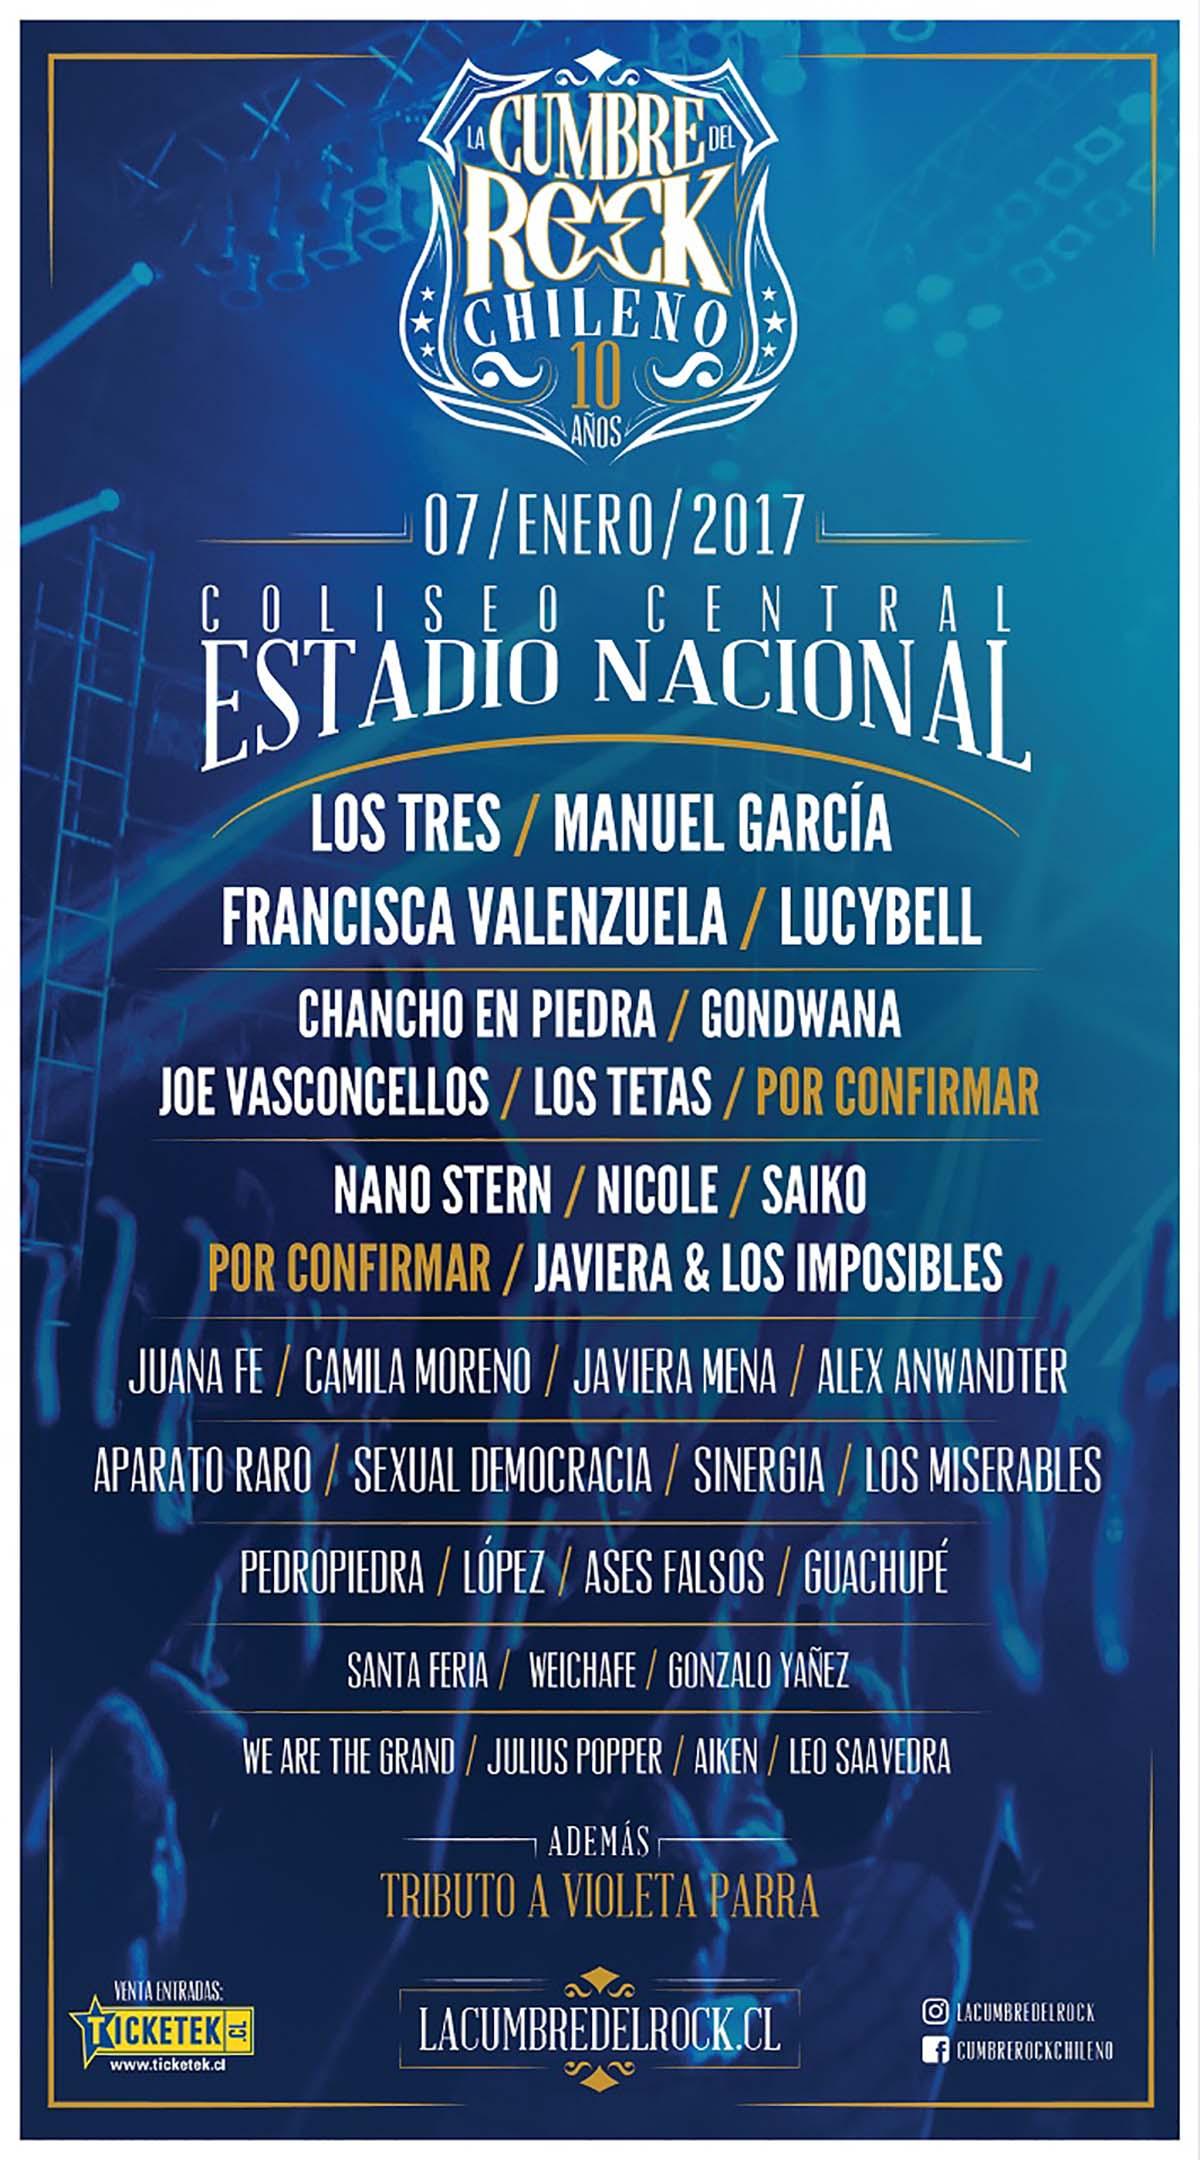 Cartel de Cumbre del rock chileno 2017